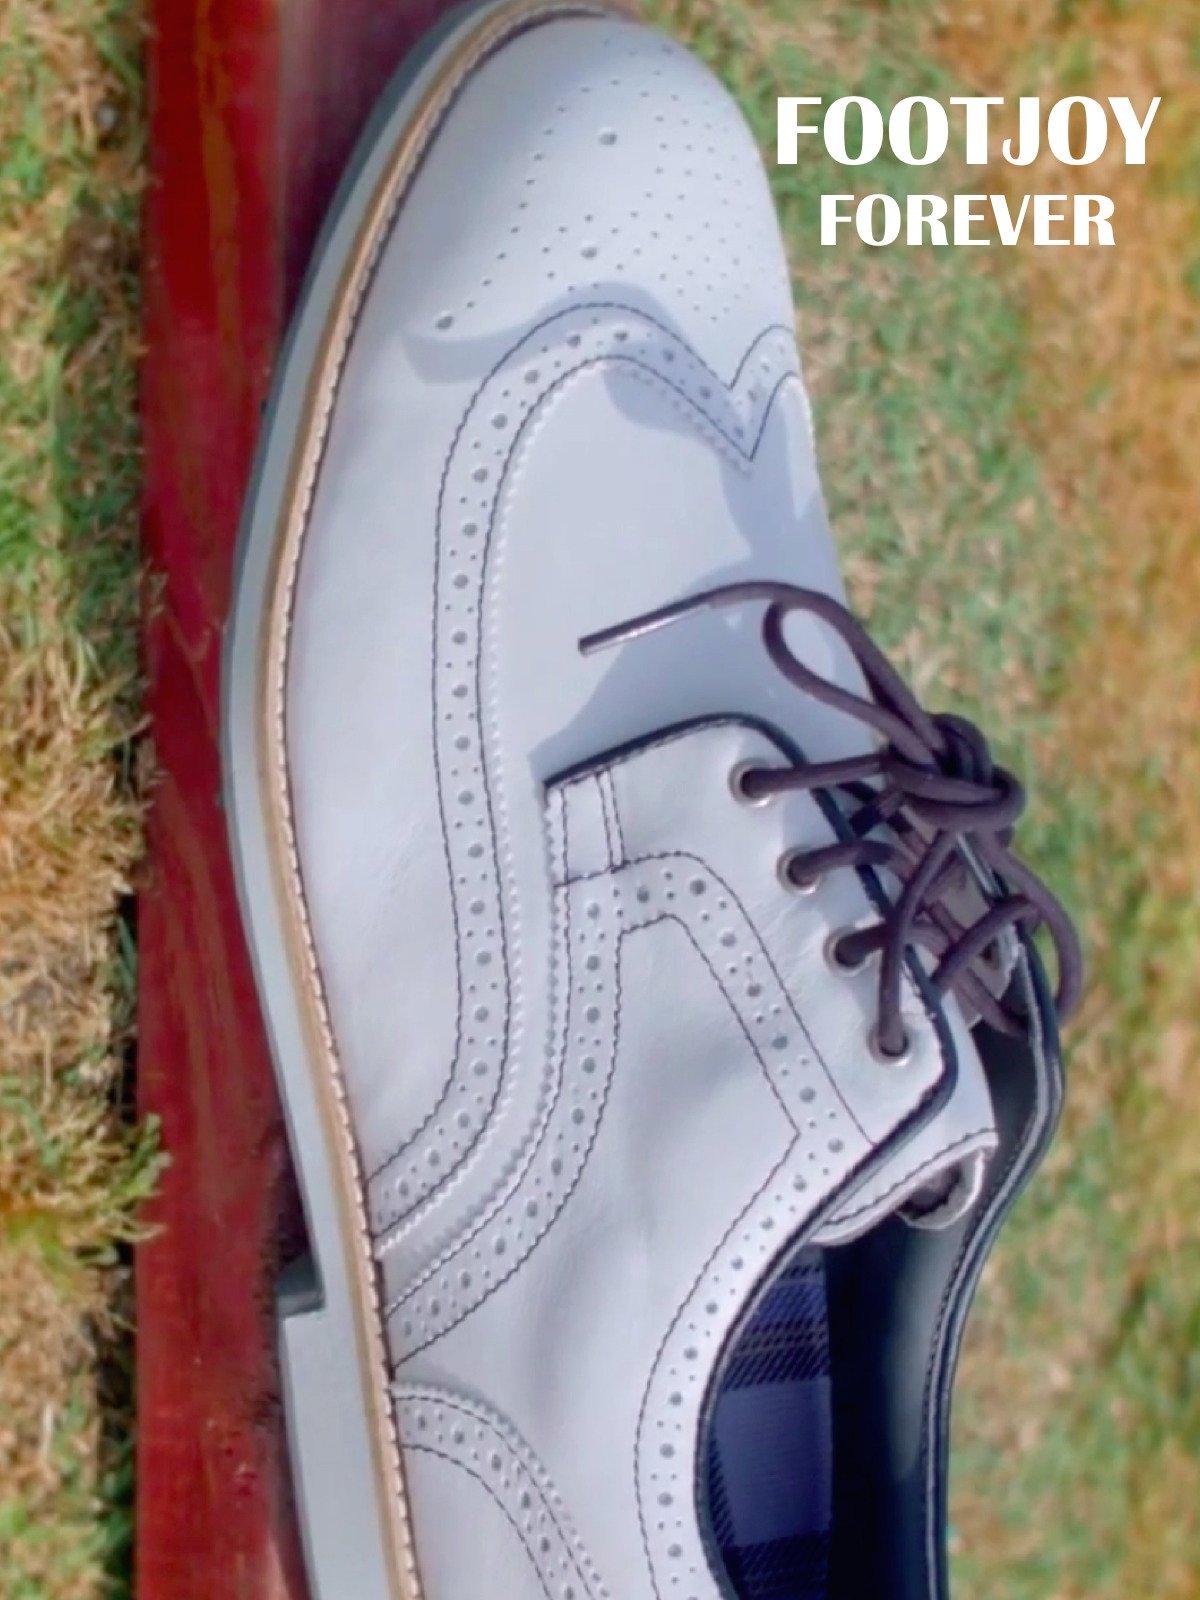 FootJoy Forever